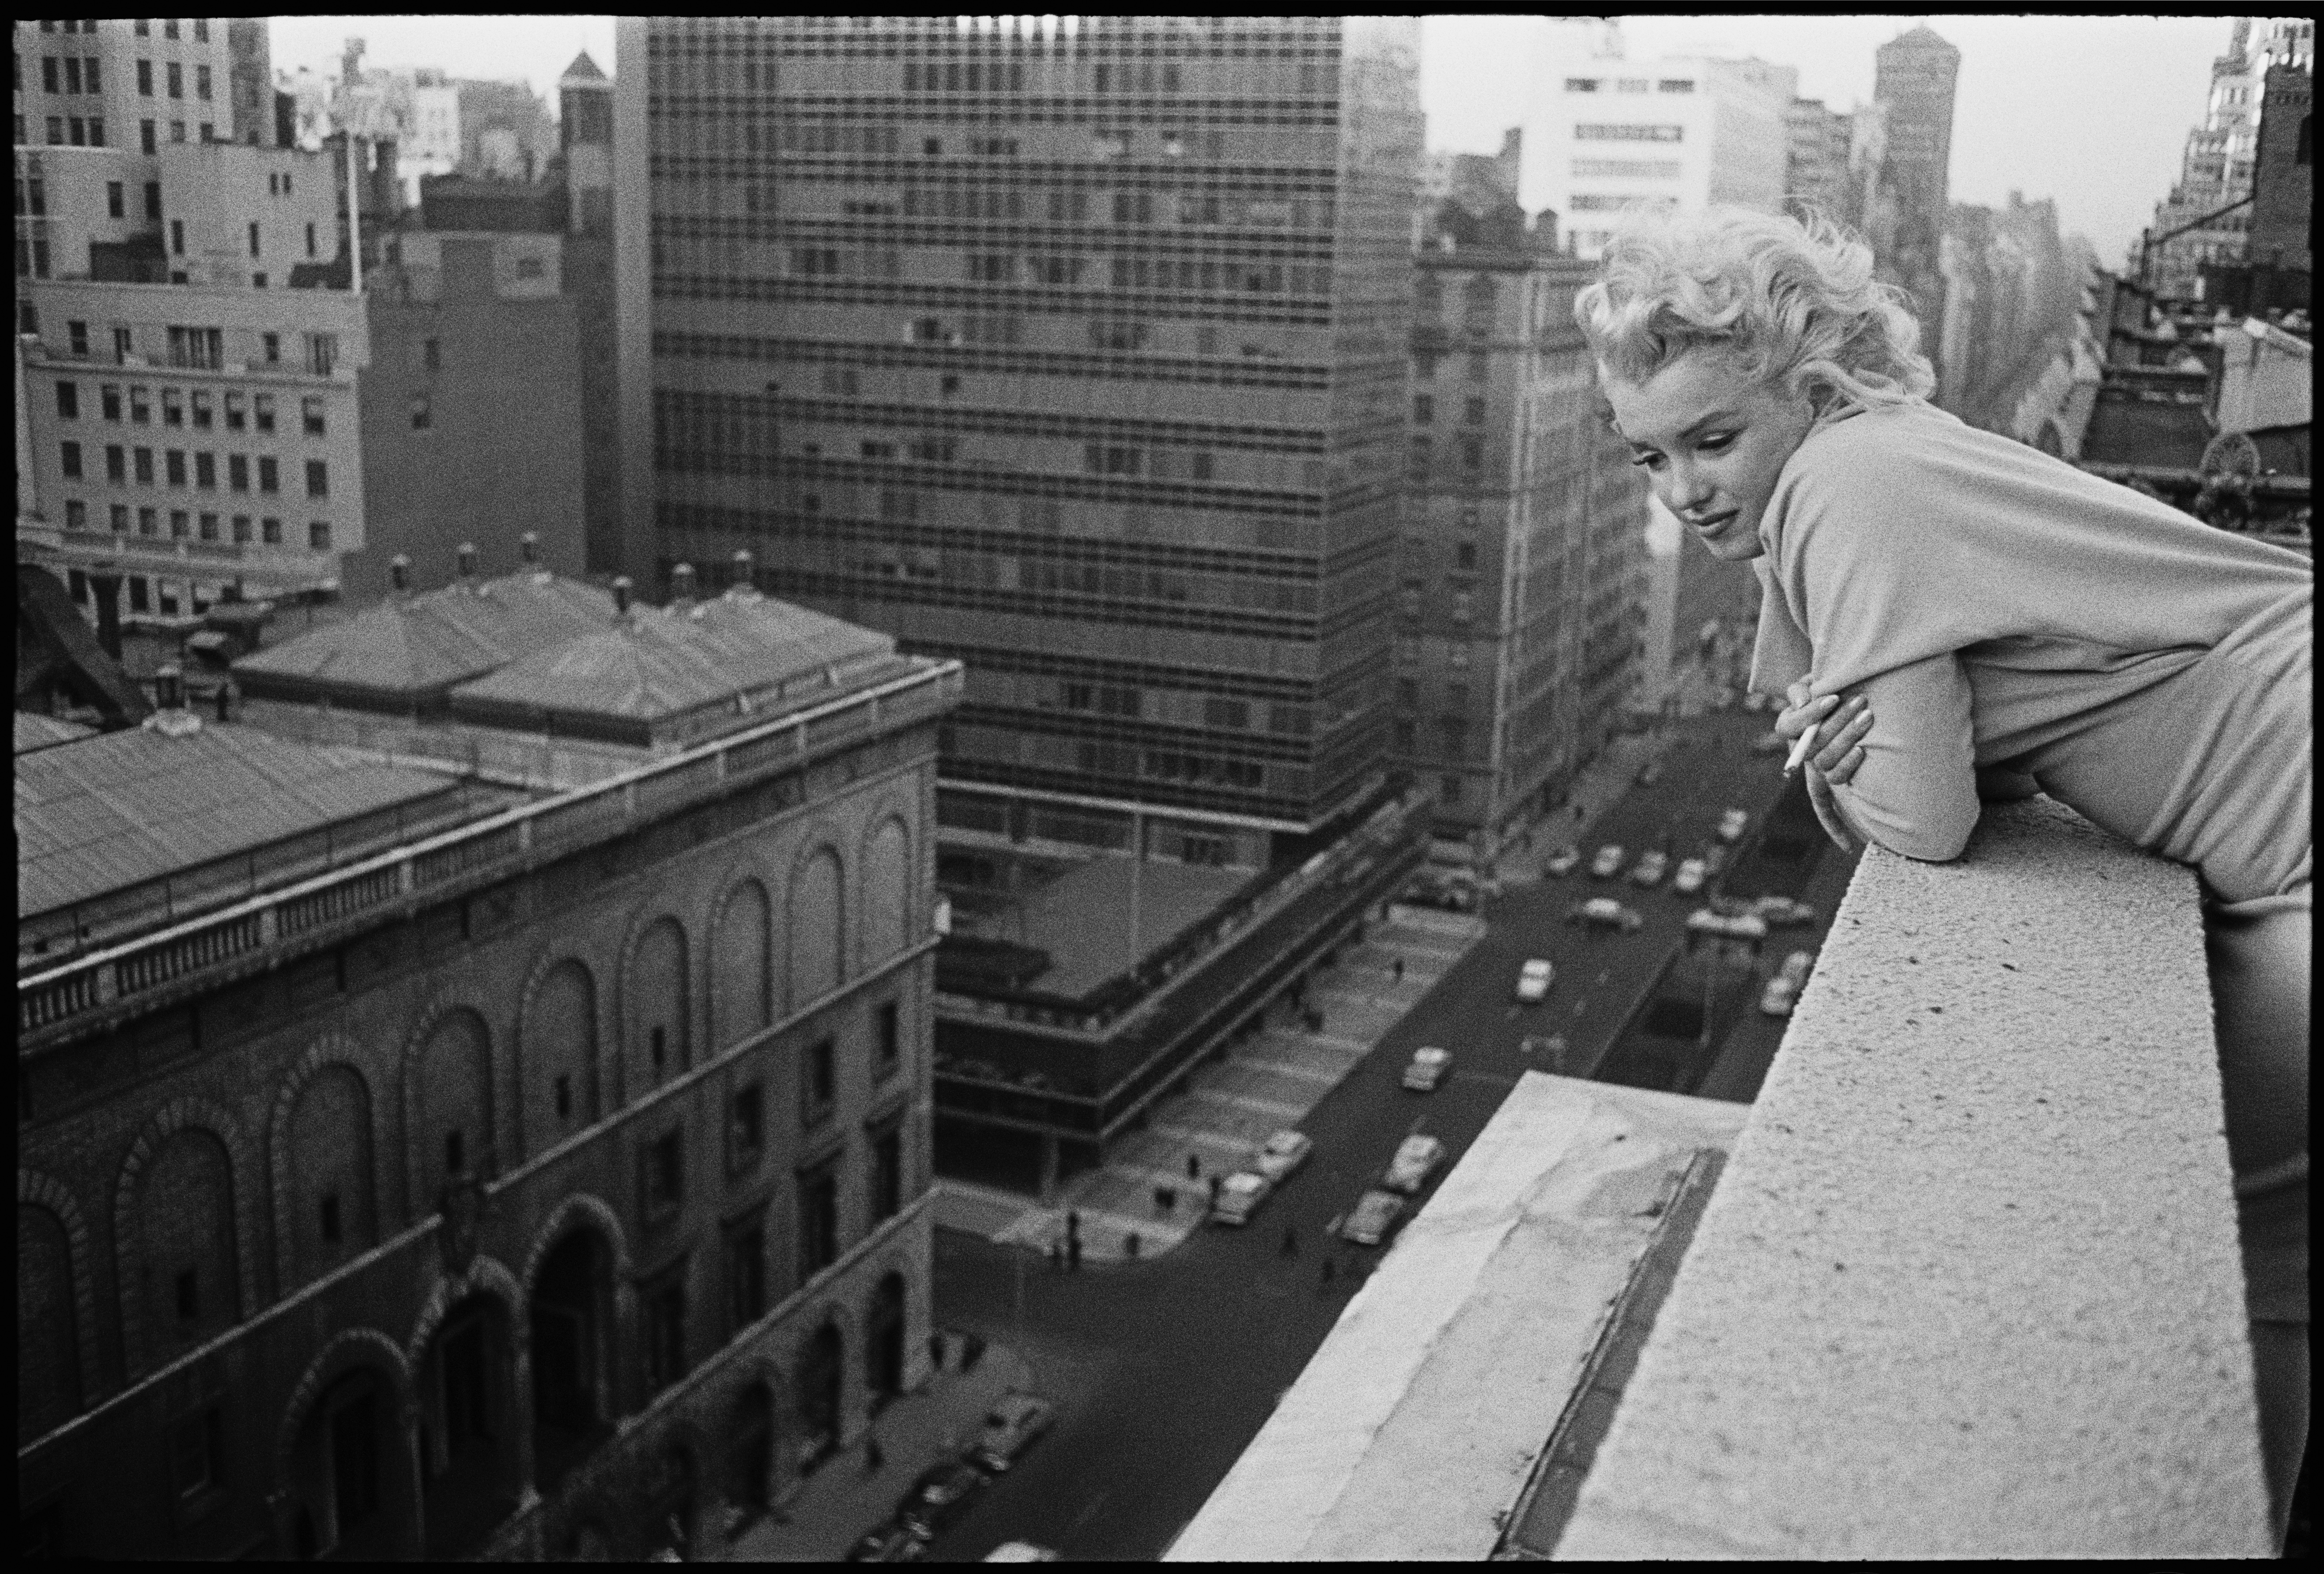 Všední den. Momentka s Marilyn Monroe, jak se vyklání z balkonu hotelu Ambassador. Březen 1955 v New Yorku.